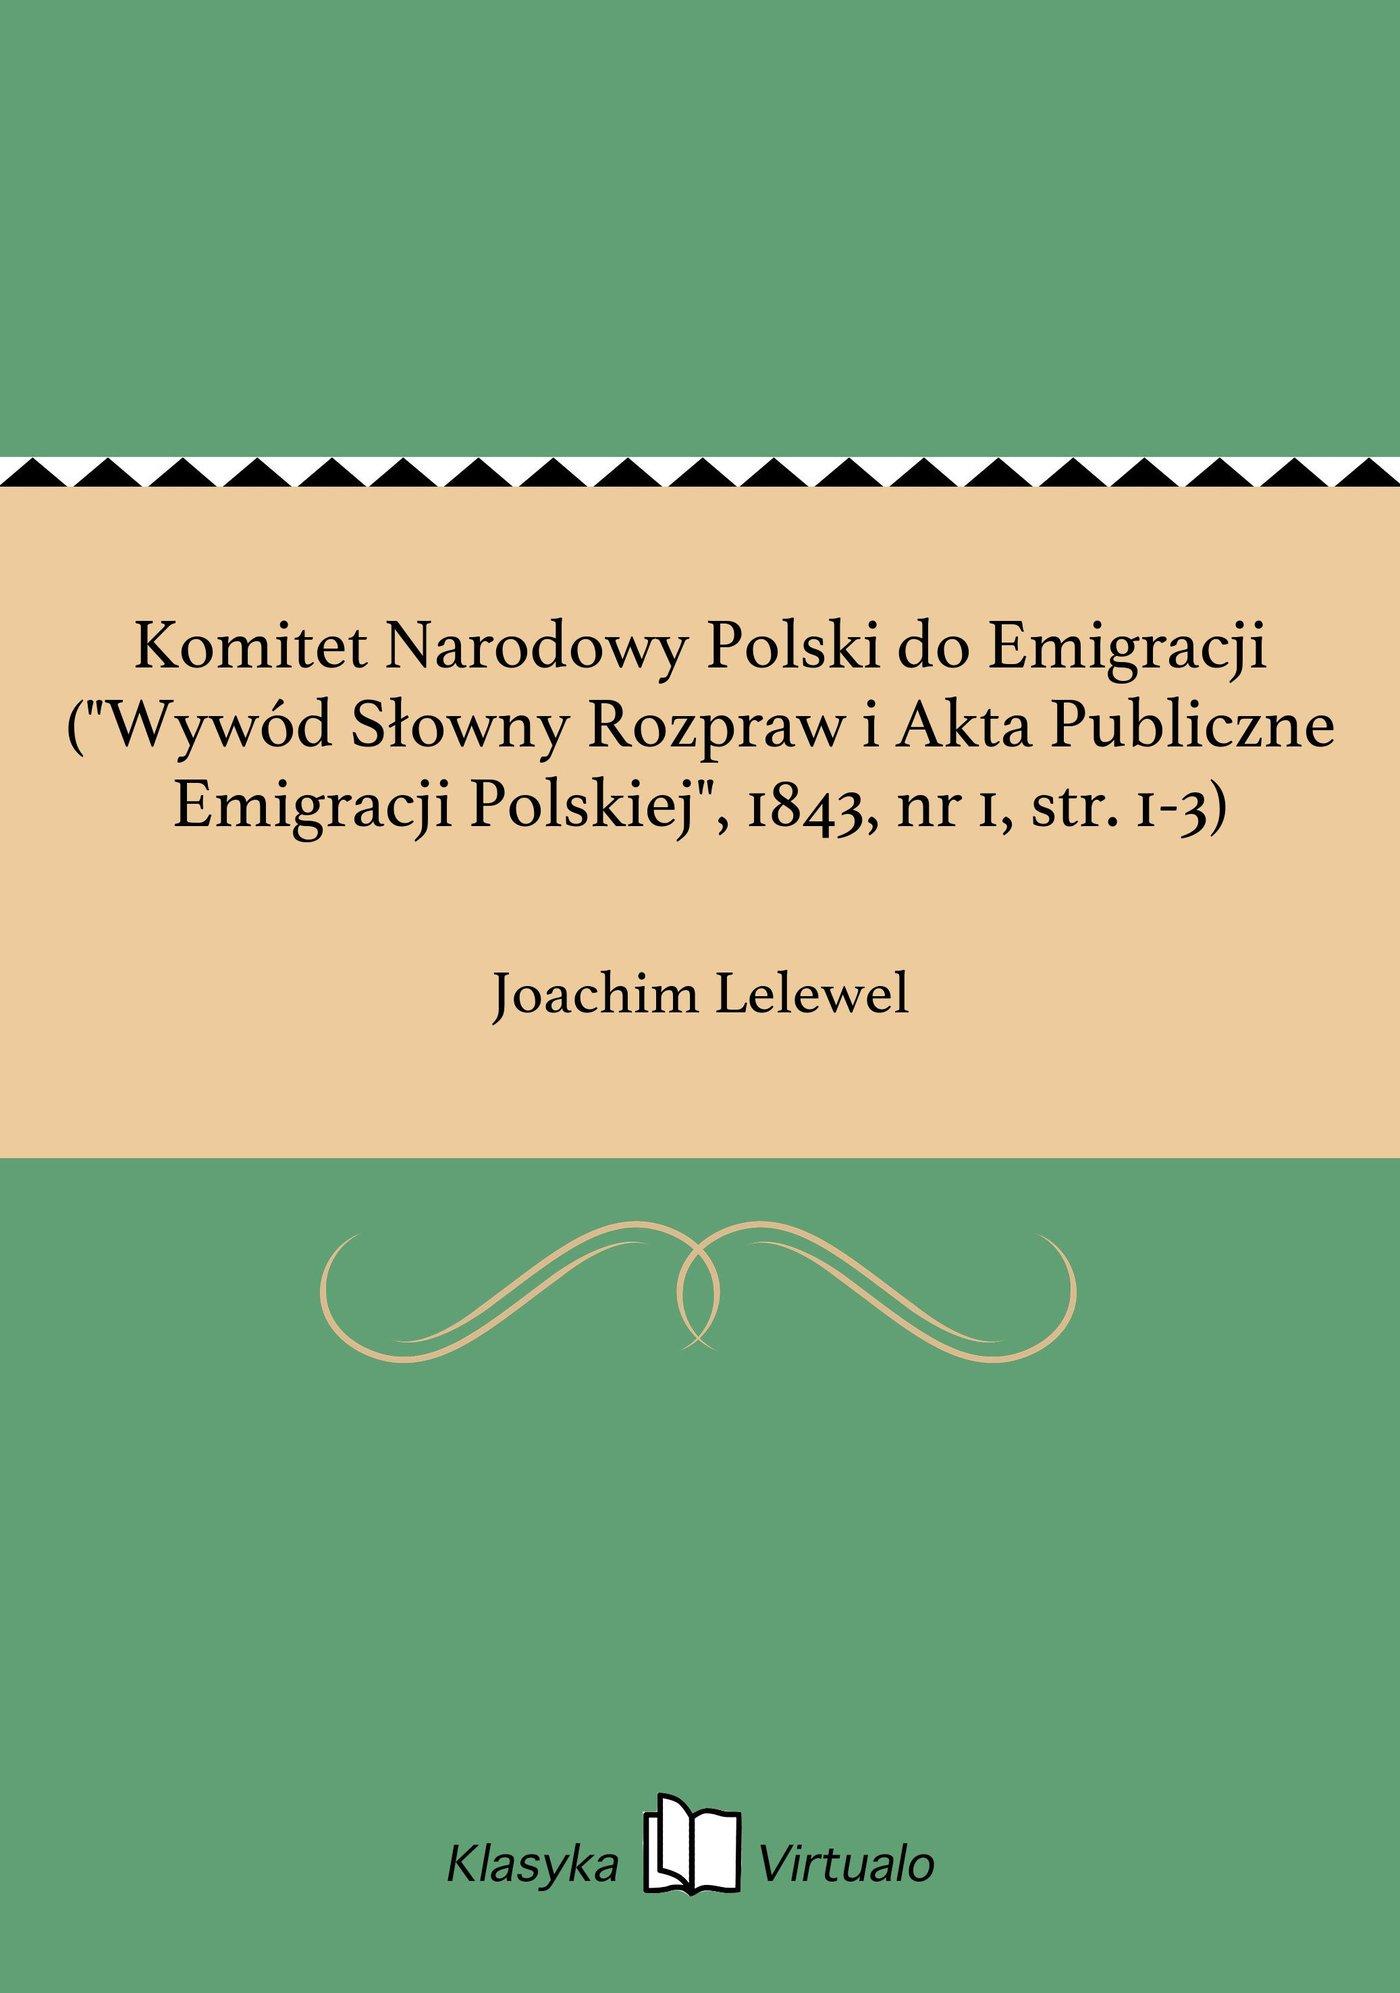 """Komitet Narodowy Polski do Emigracji (""""Wywód Słowny Rozpraw i Akta Publiczne Emigracji Polskiej"""", 1843, nr 1, str. 1-3) - Ebook (Książka EPUB) do pobrania w formacie EPUB"""